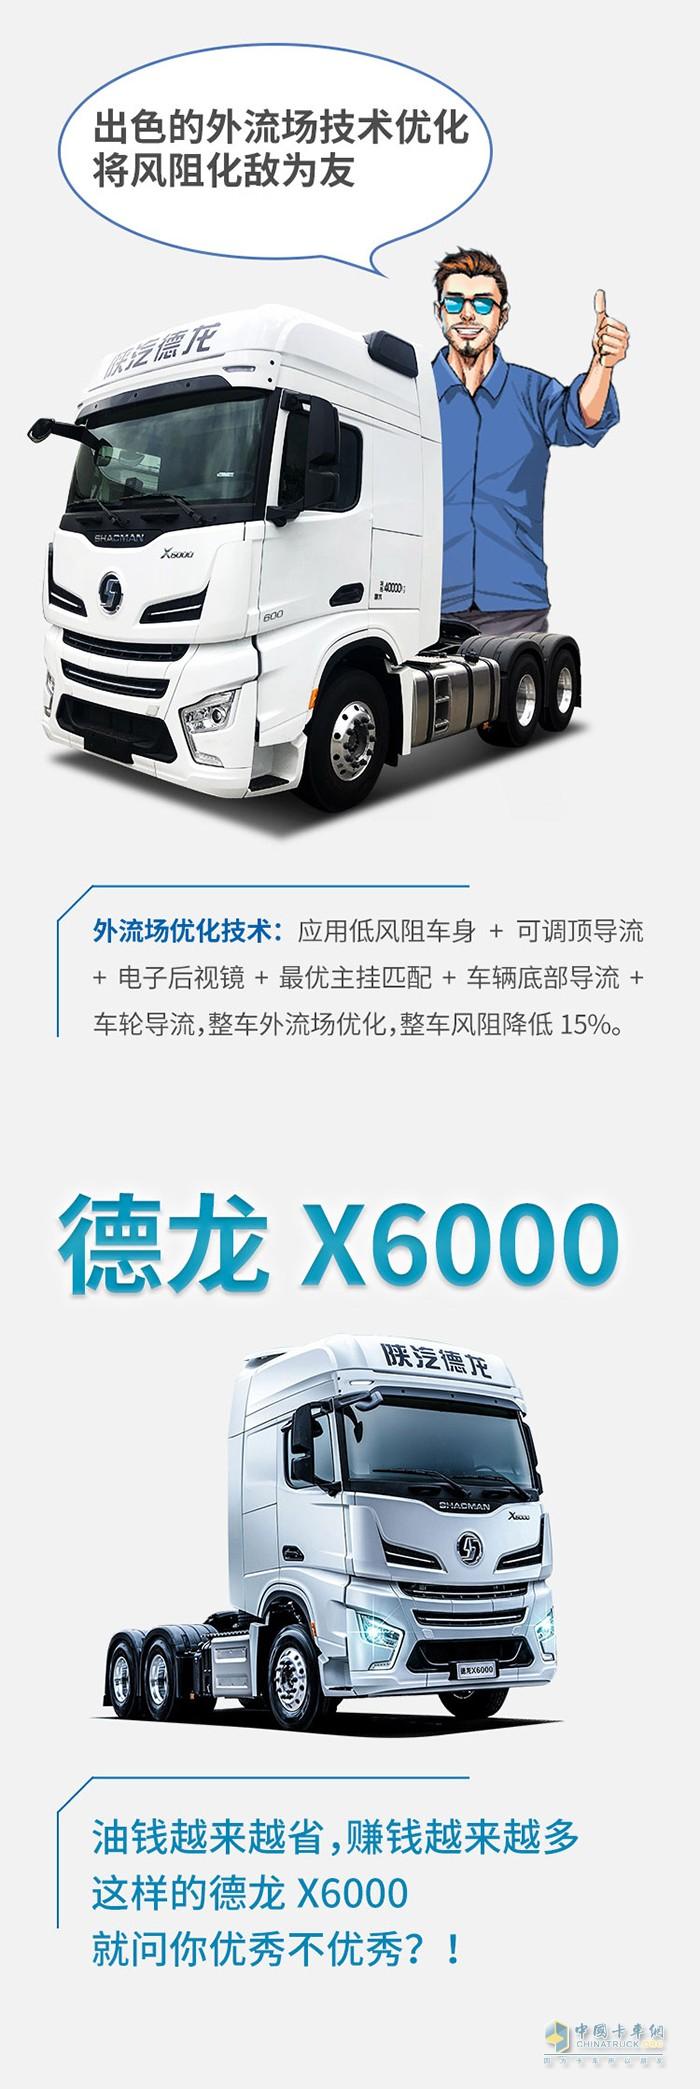 """德龙X6000:钱包""""发福""""了,说话都更有底气了"""